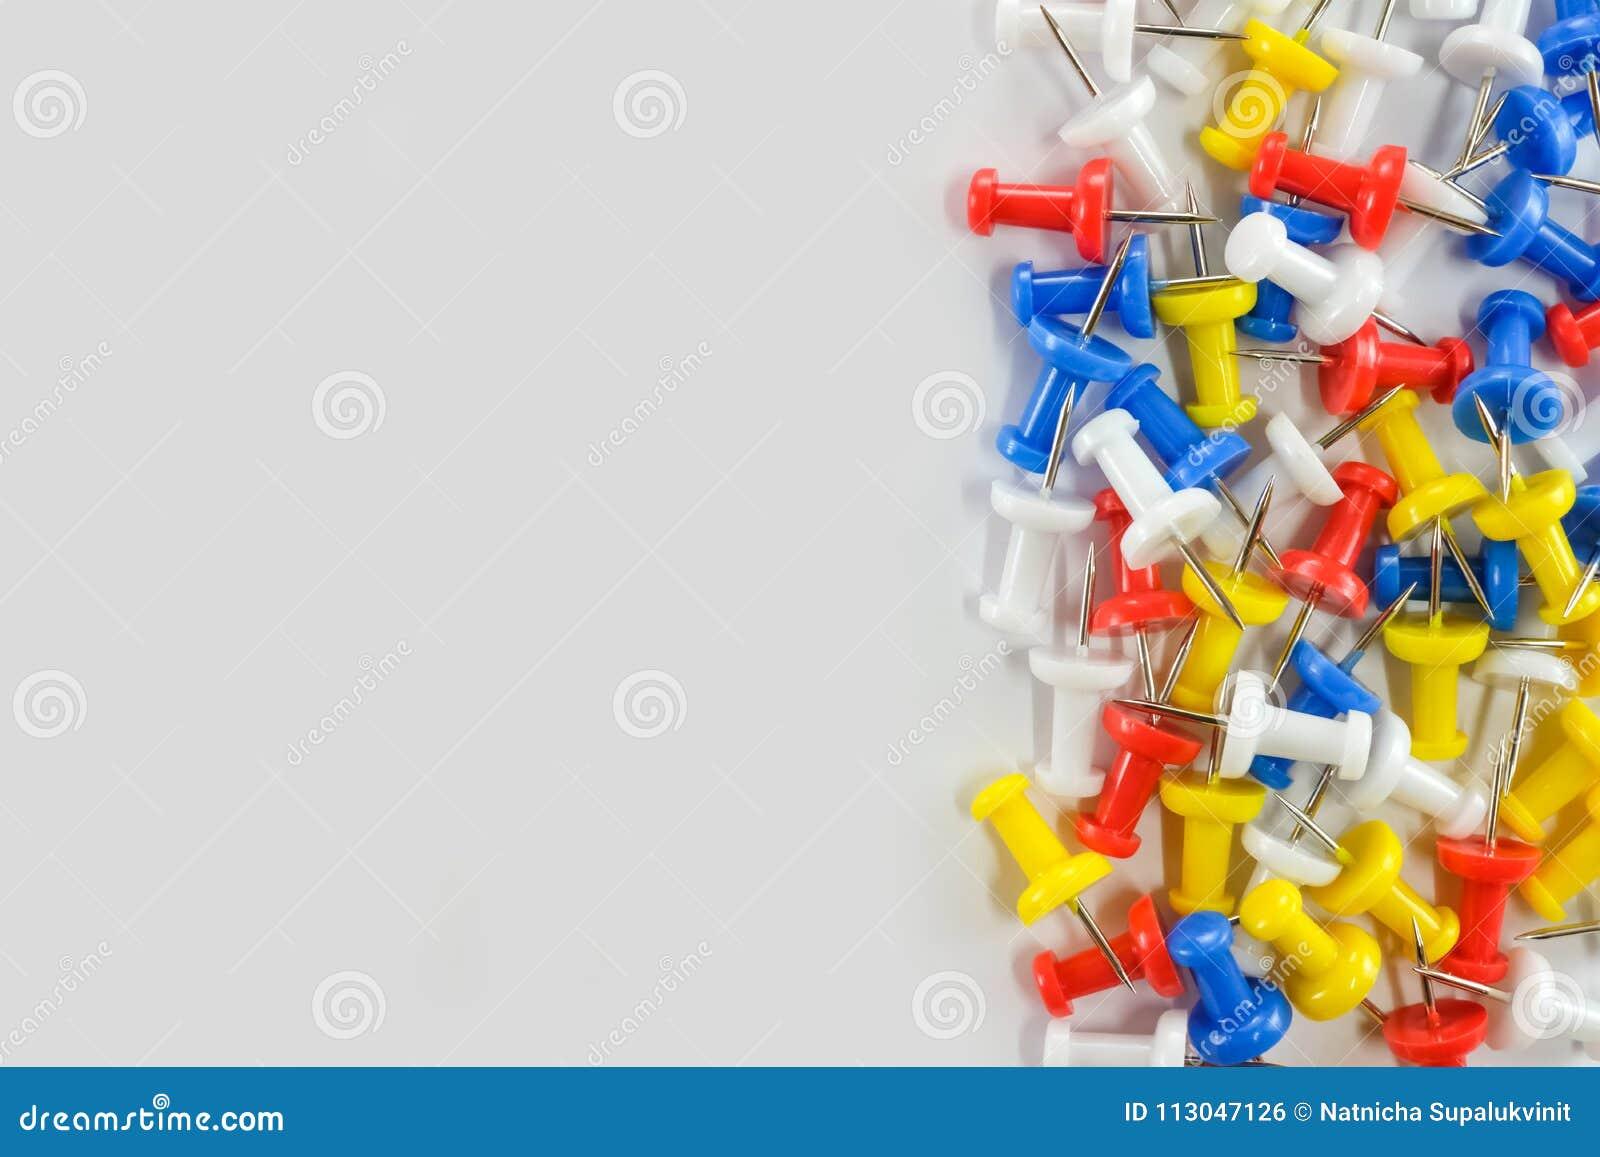 Colori i perni di spinta gruppo rosso, giallo, bianco e blu a destra di fondo bianco